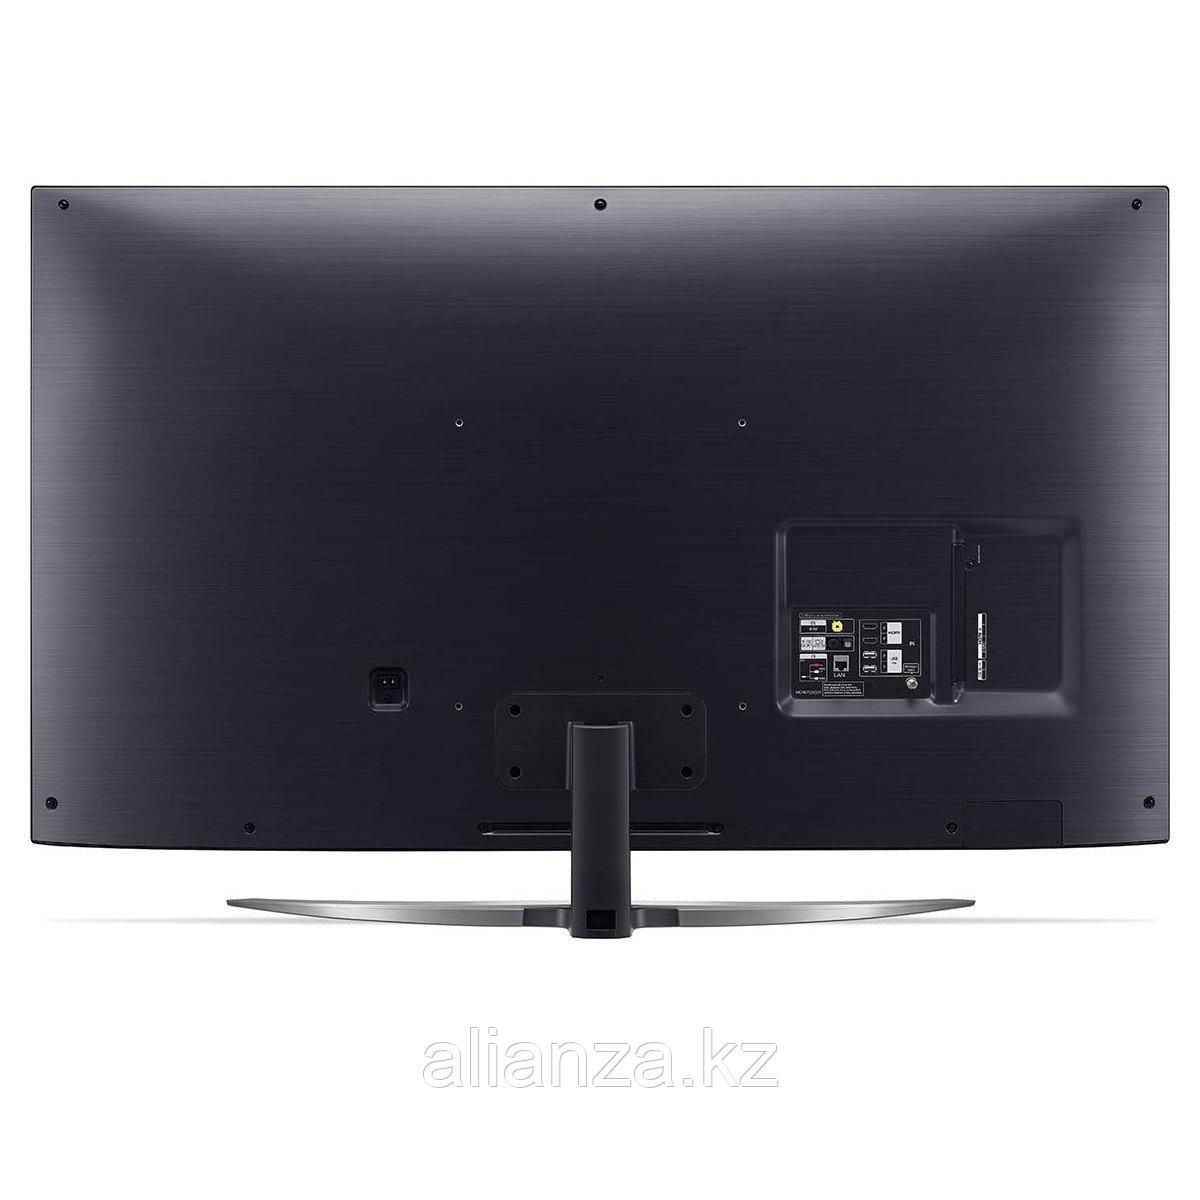 LED телевизор LG 65SM8200 - фото 5